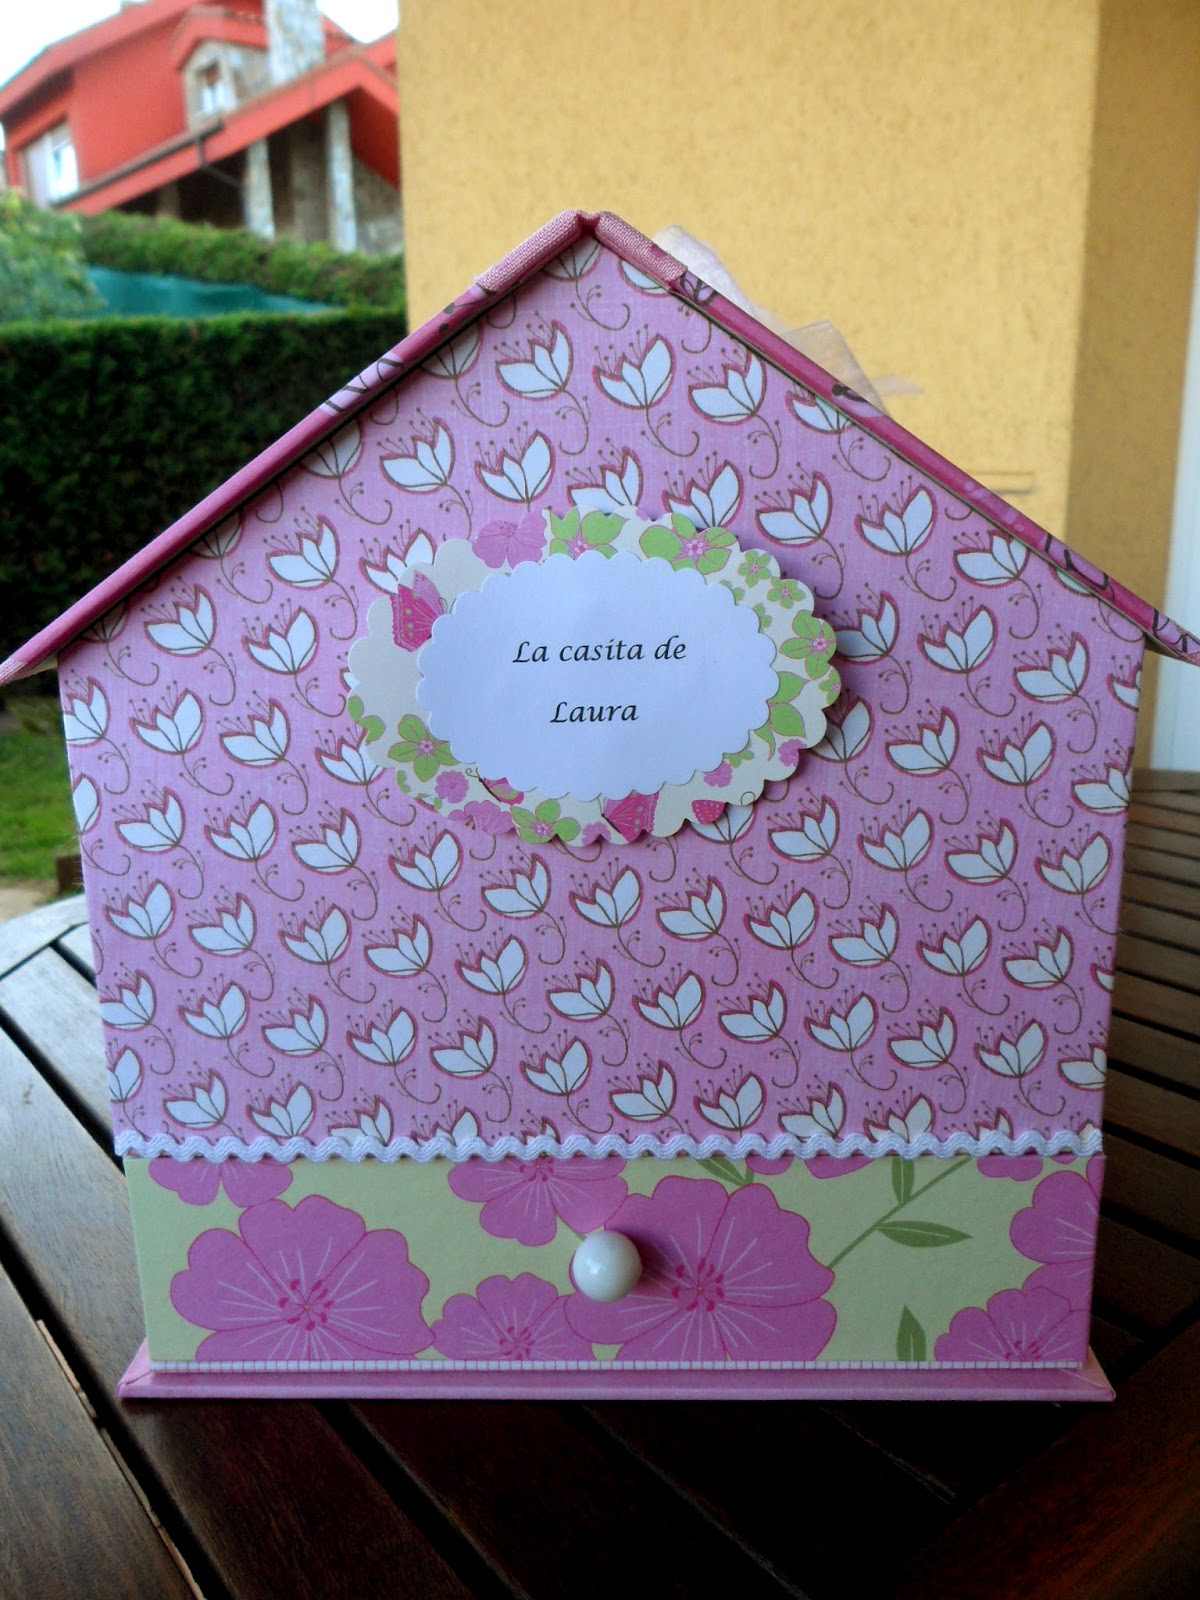 De cart n y trapo casita para guardar los secretos de una for Casitas de patio para almacenar